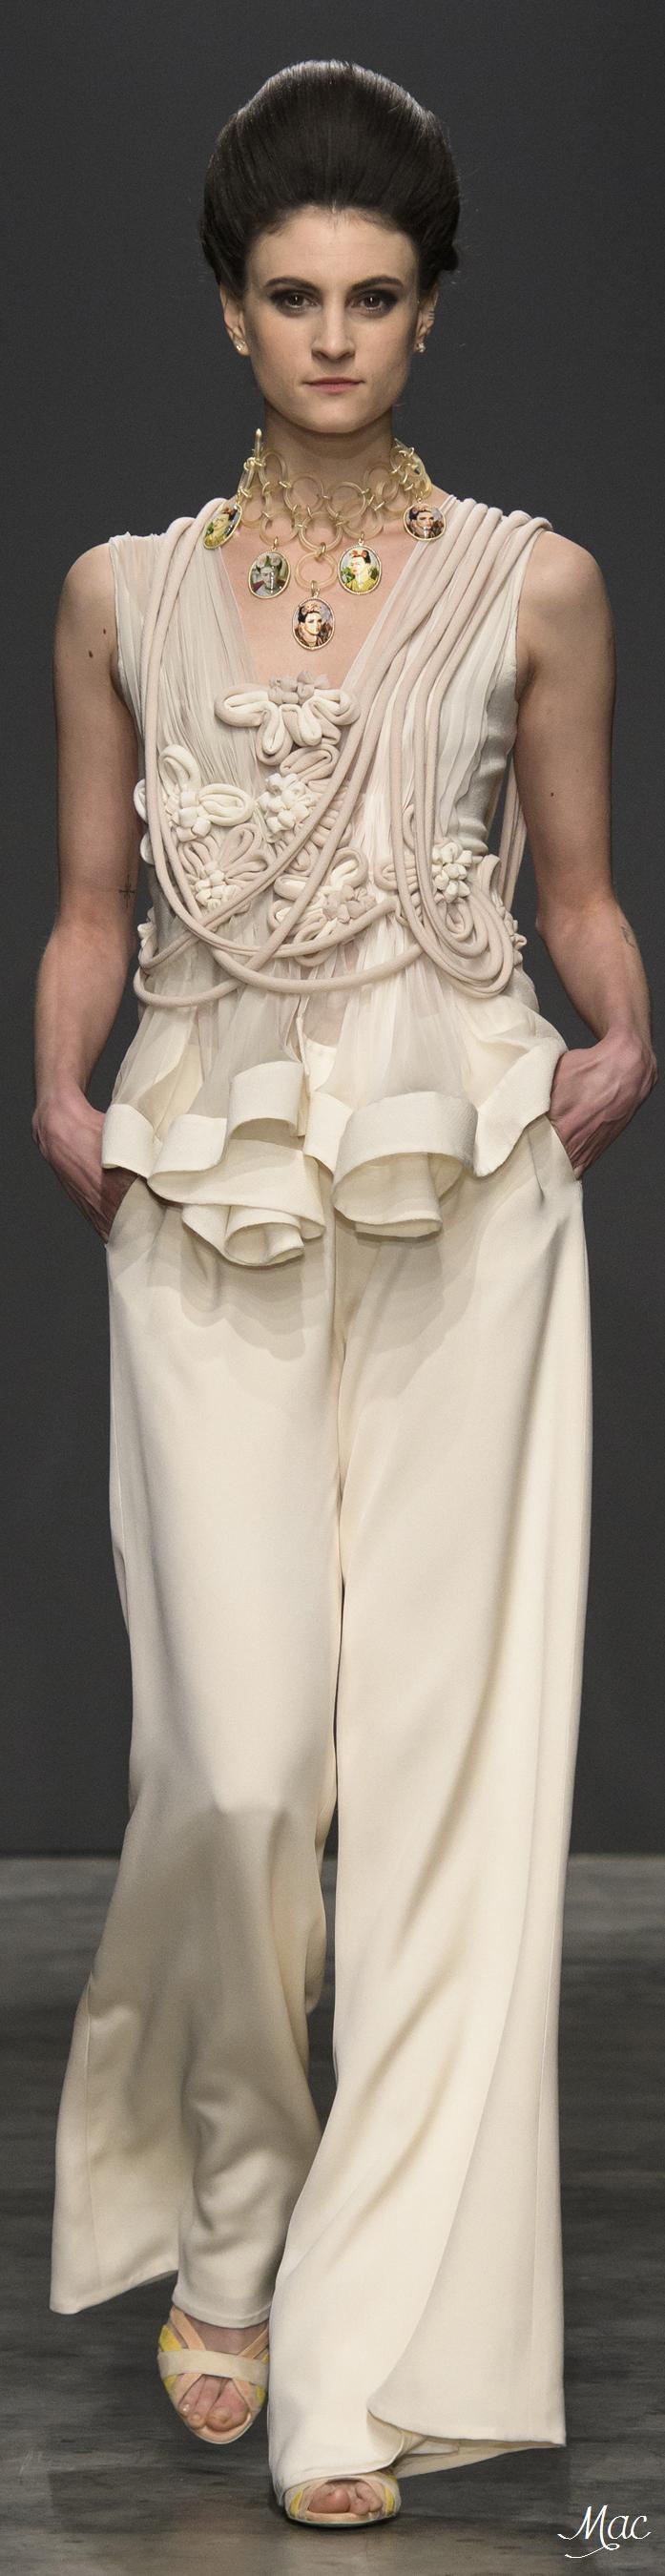 Spring haute couture camillo bona haute couture